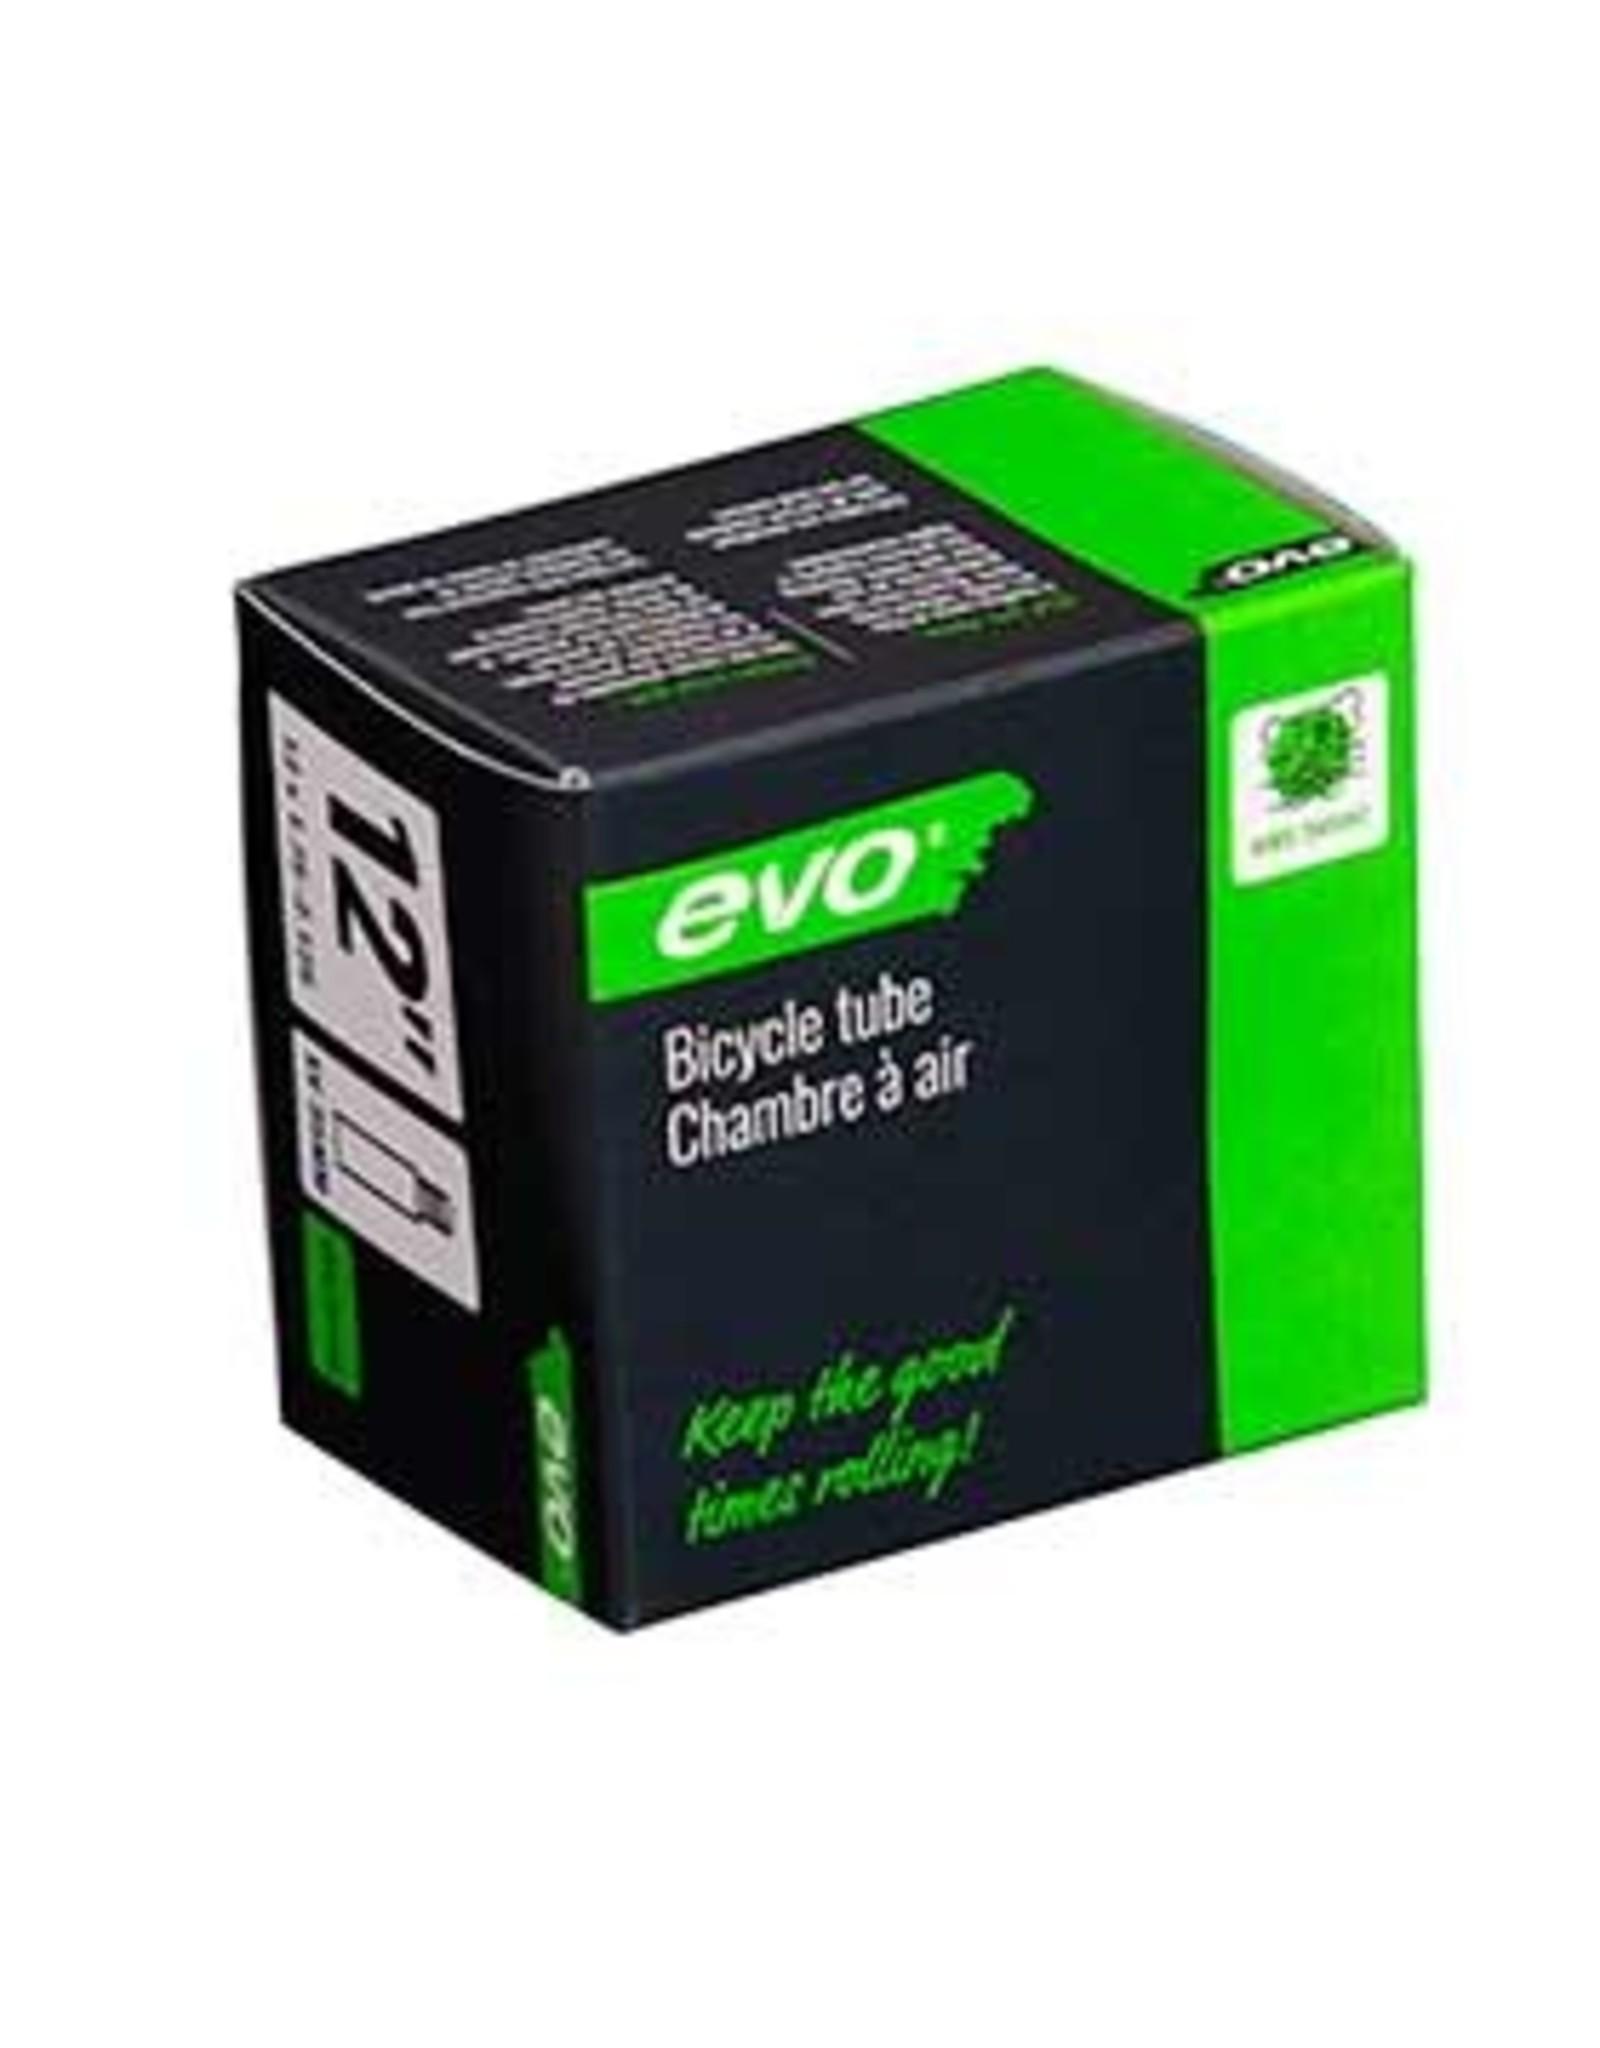 EVO, Schrader, Chambre à air, Longueur: 35mm, 24''